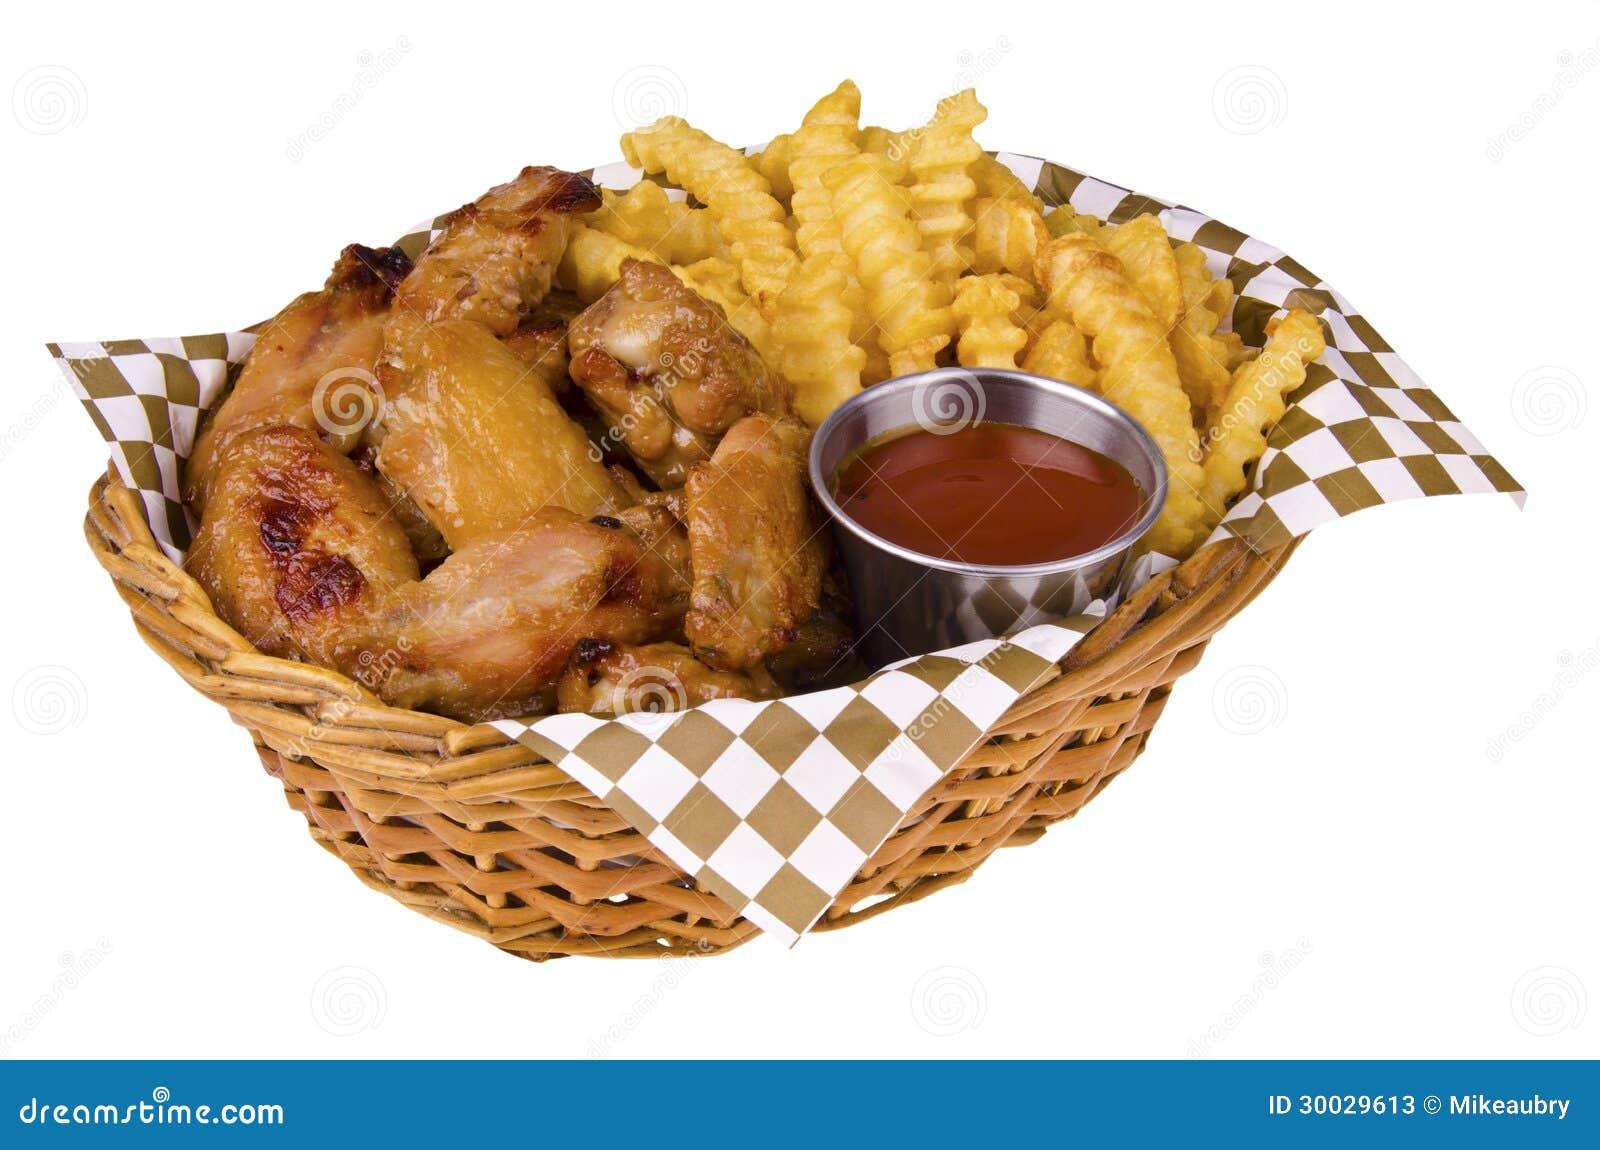 chicken wing restaurant business plan